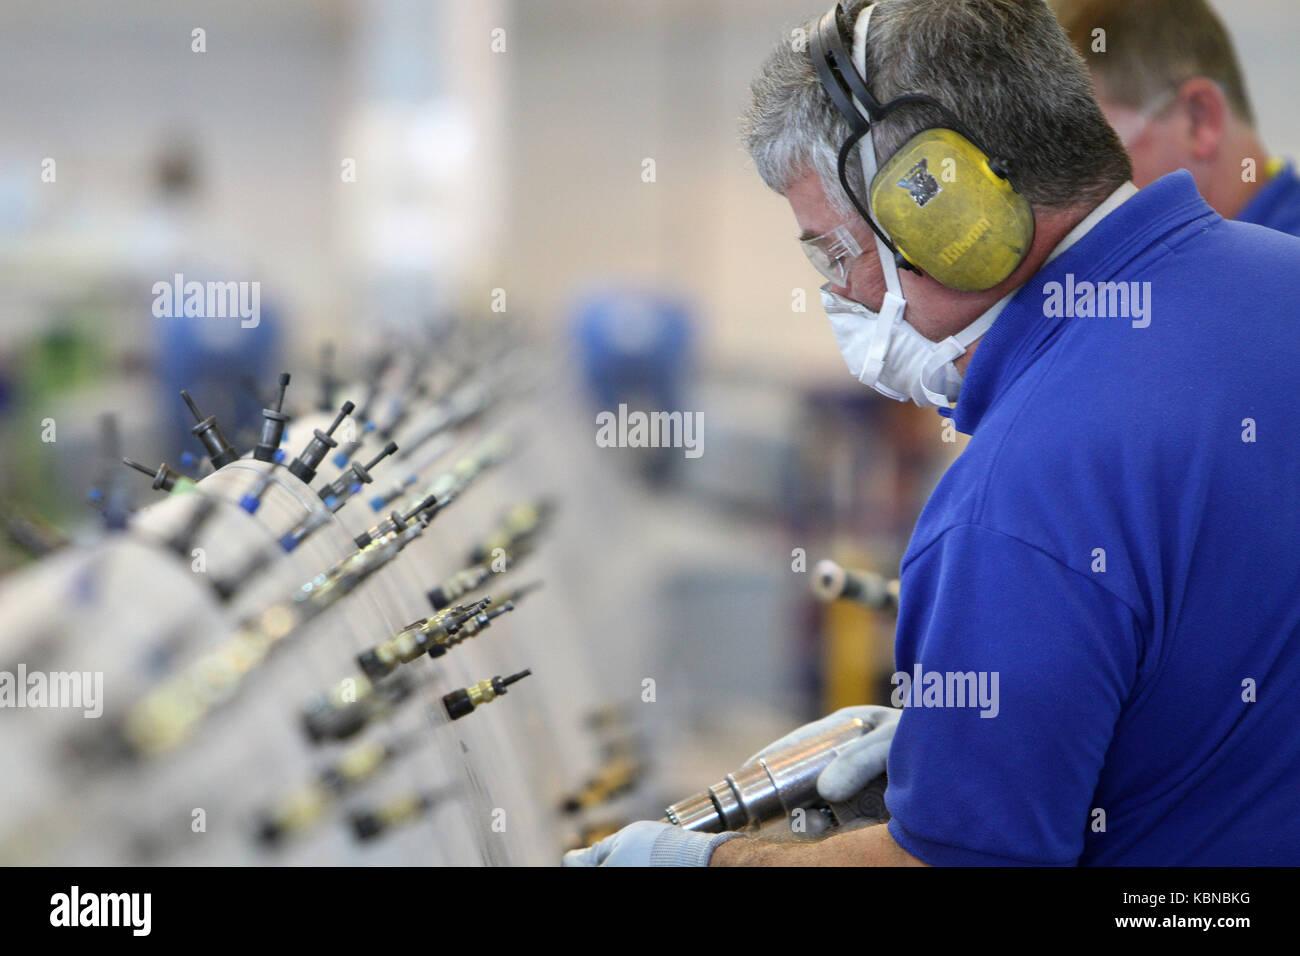 Operai nel settore manifatturiero Immagini Stock